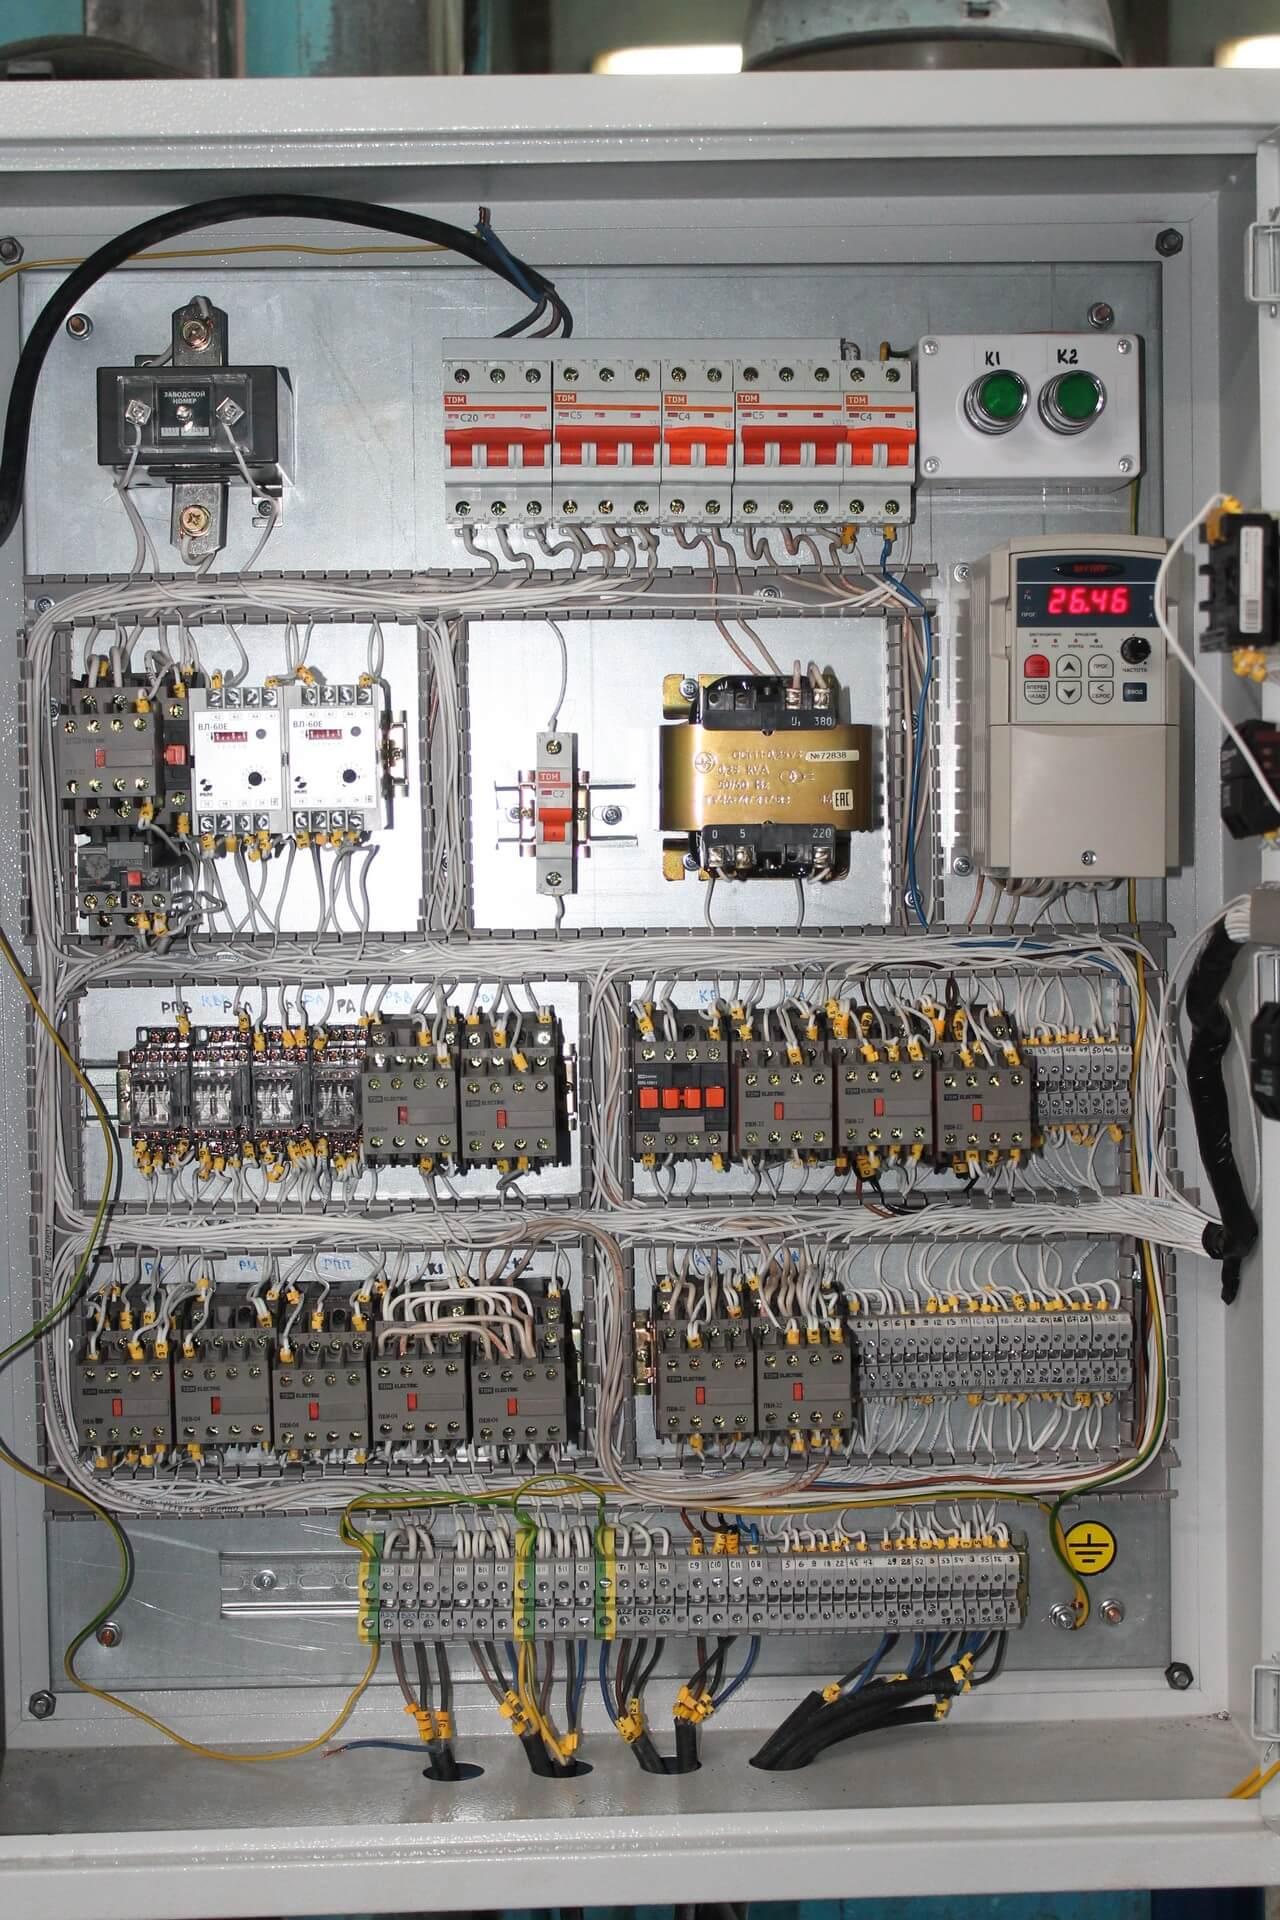 система управления станком